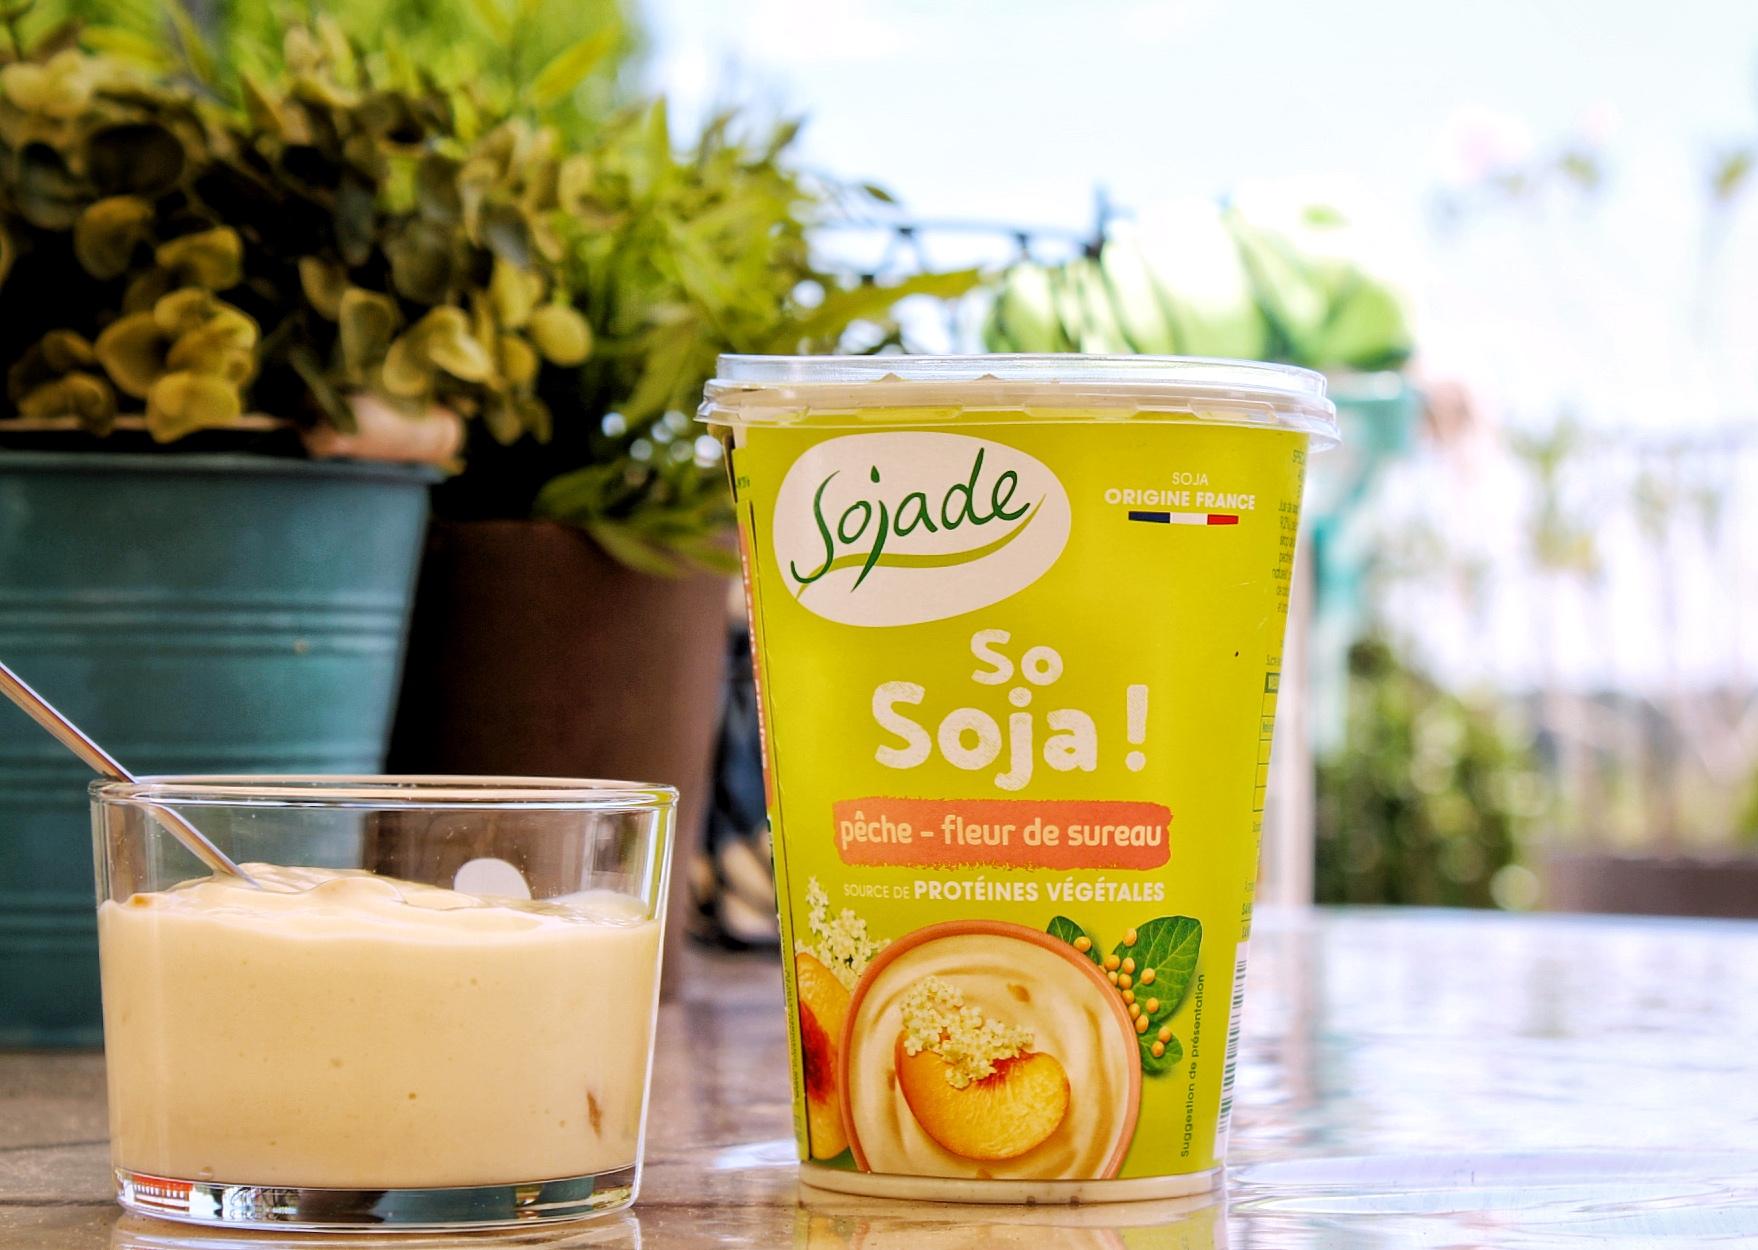 yaourt soja pêche fleur sureau vegan sans gluten sans lactose bio